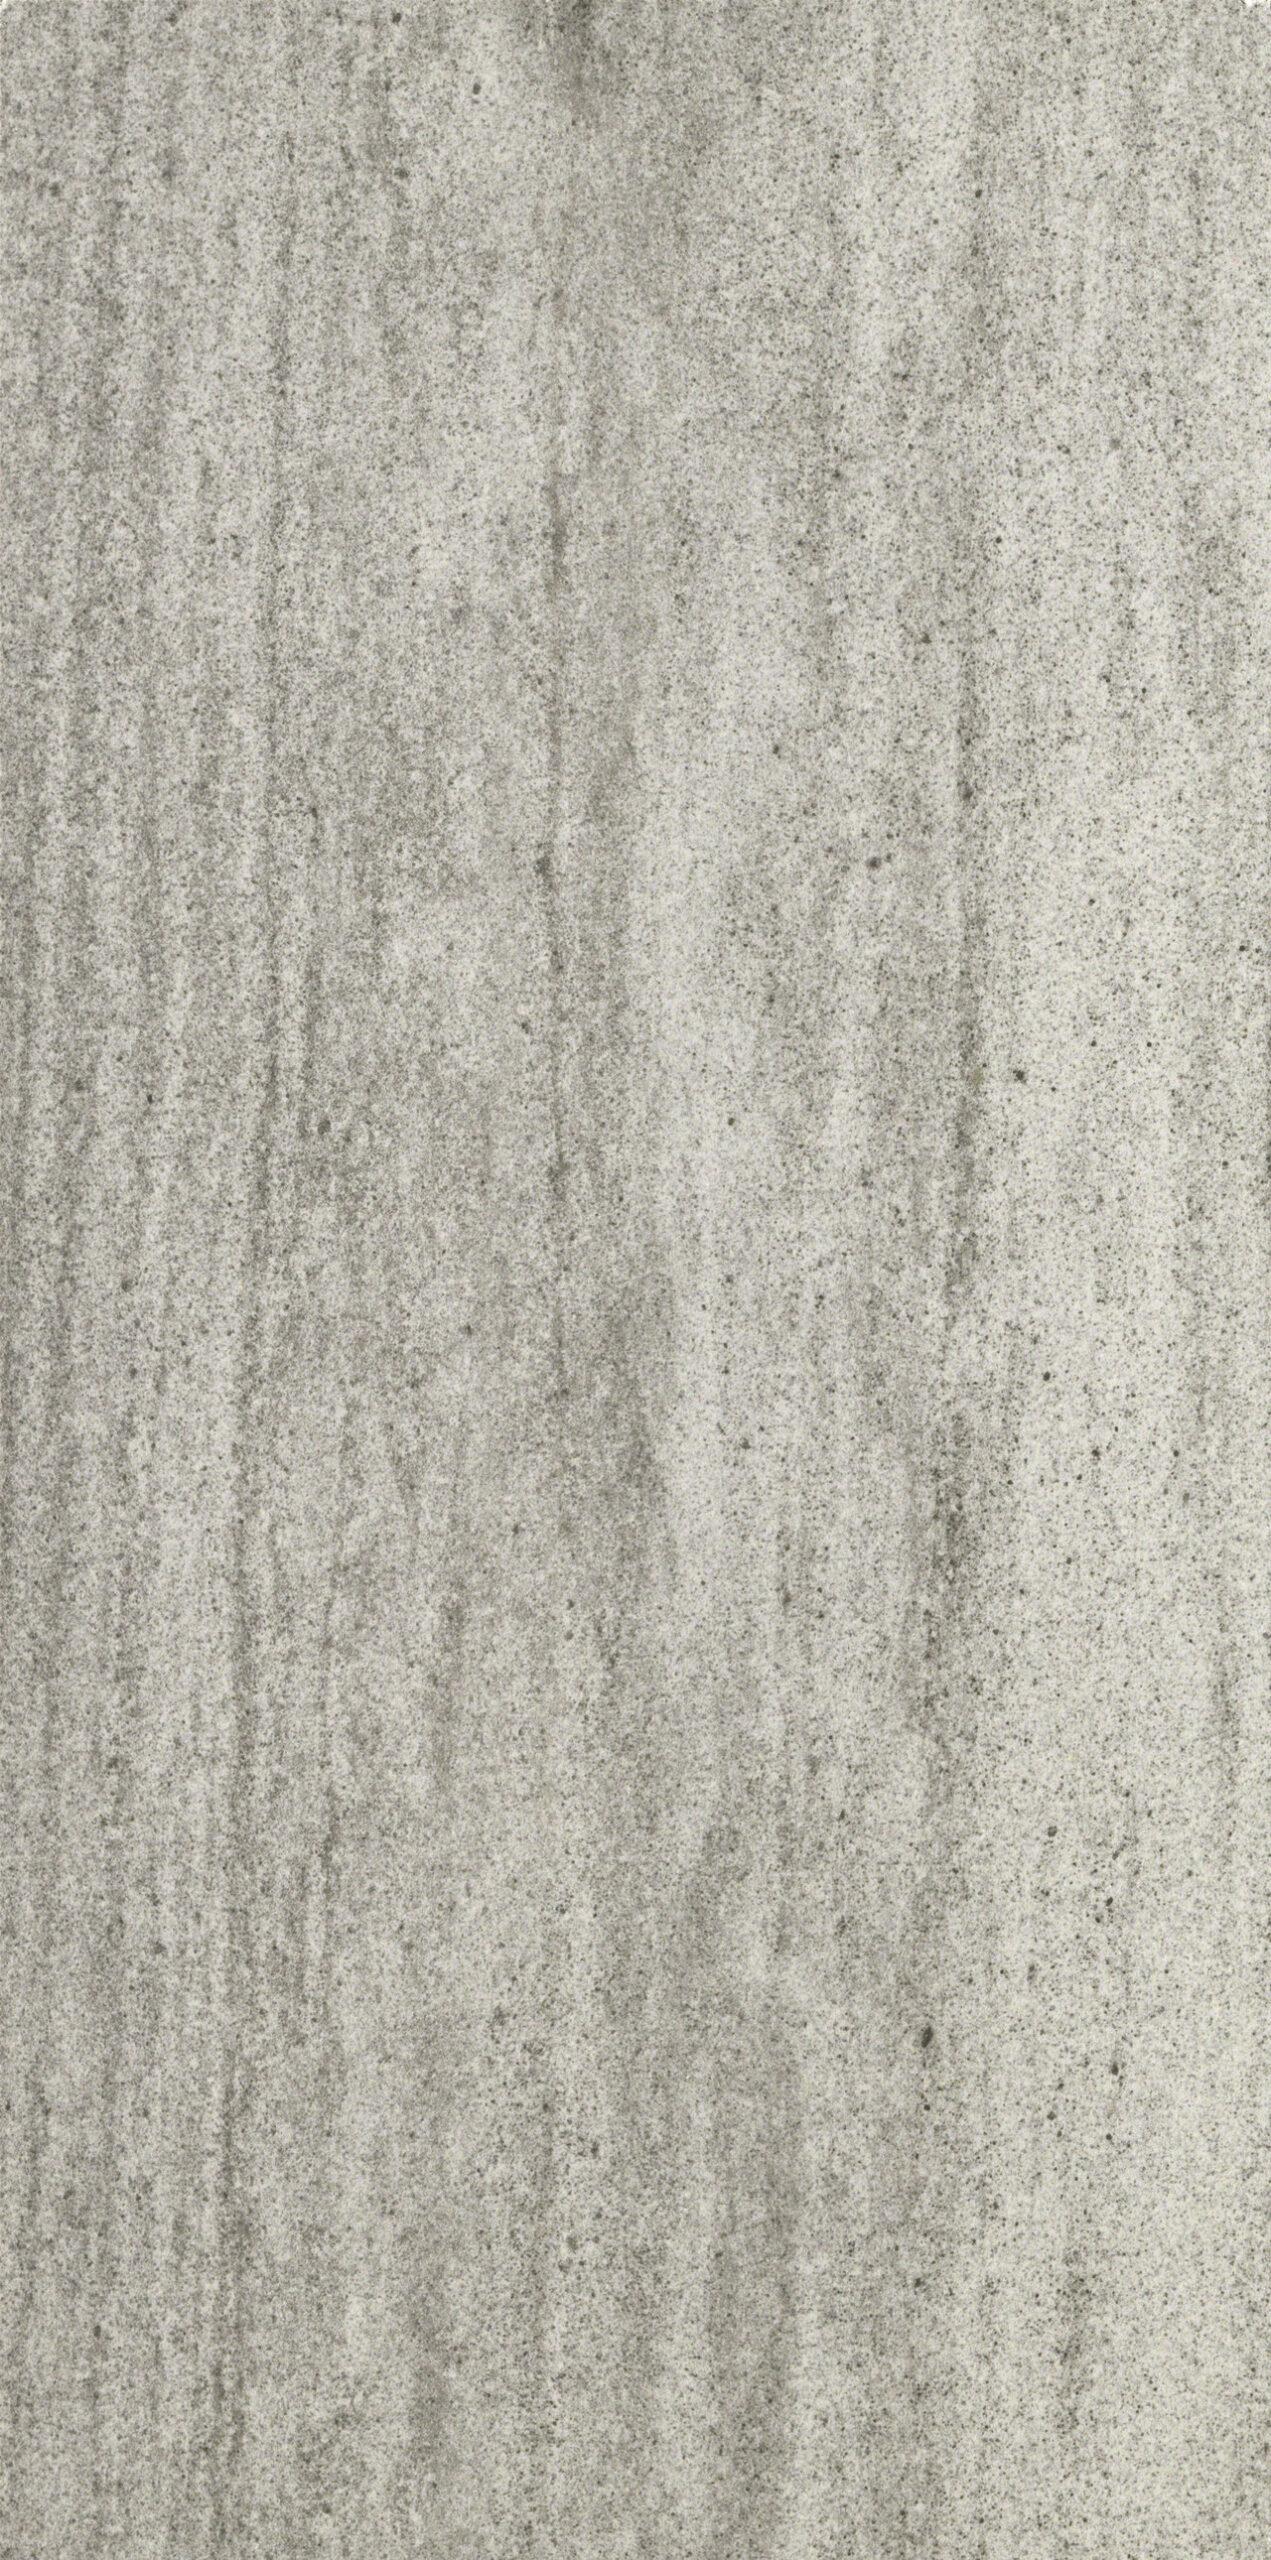 Materia 3D sp m3 platinum 1224 f1 USH1224083 scaled